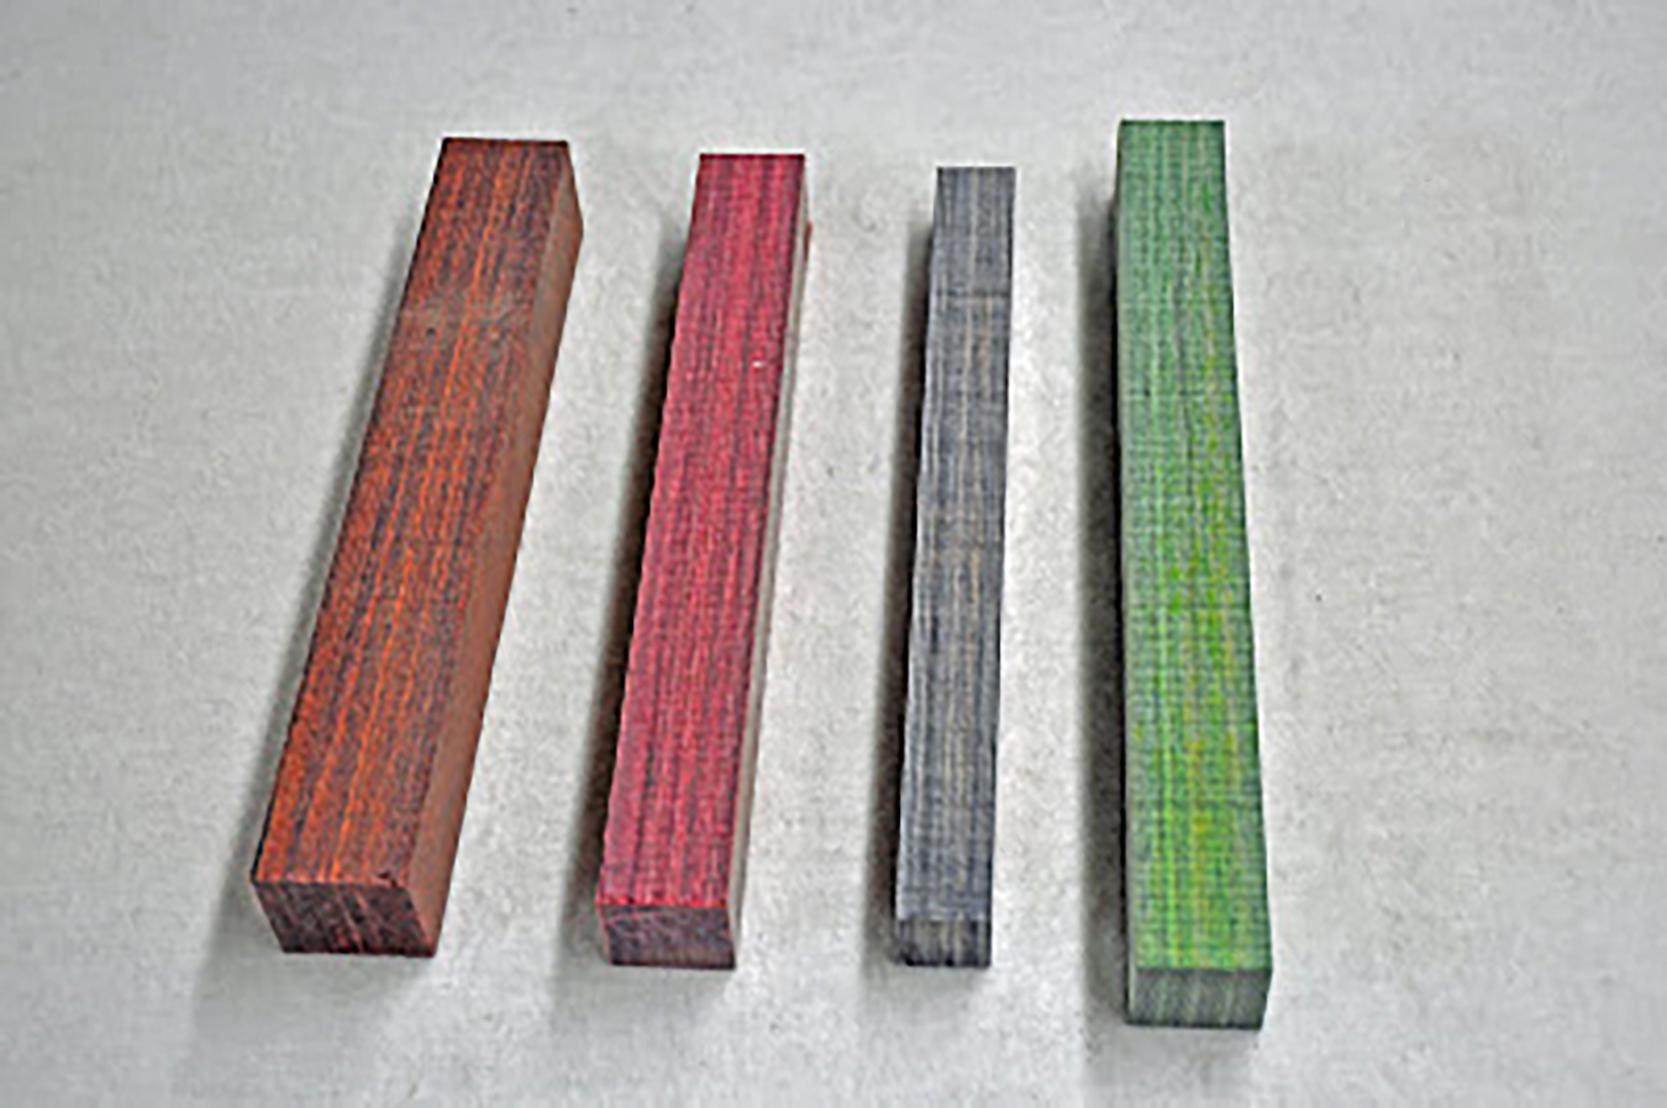 Cocobolo Dymondwood, Red Dymondwood, Black Dymondwood, Green Dymondwood